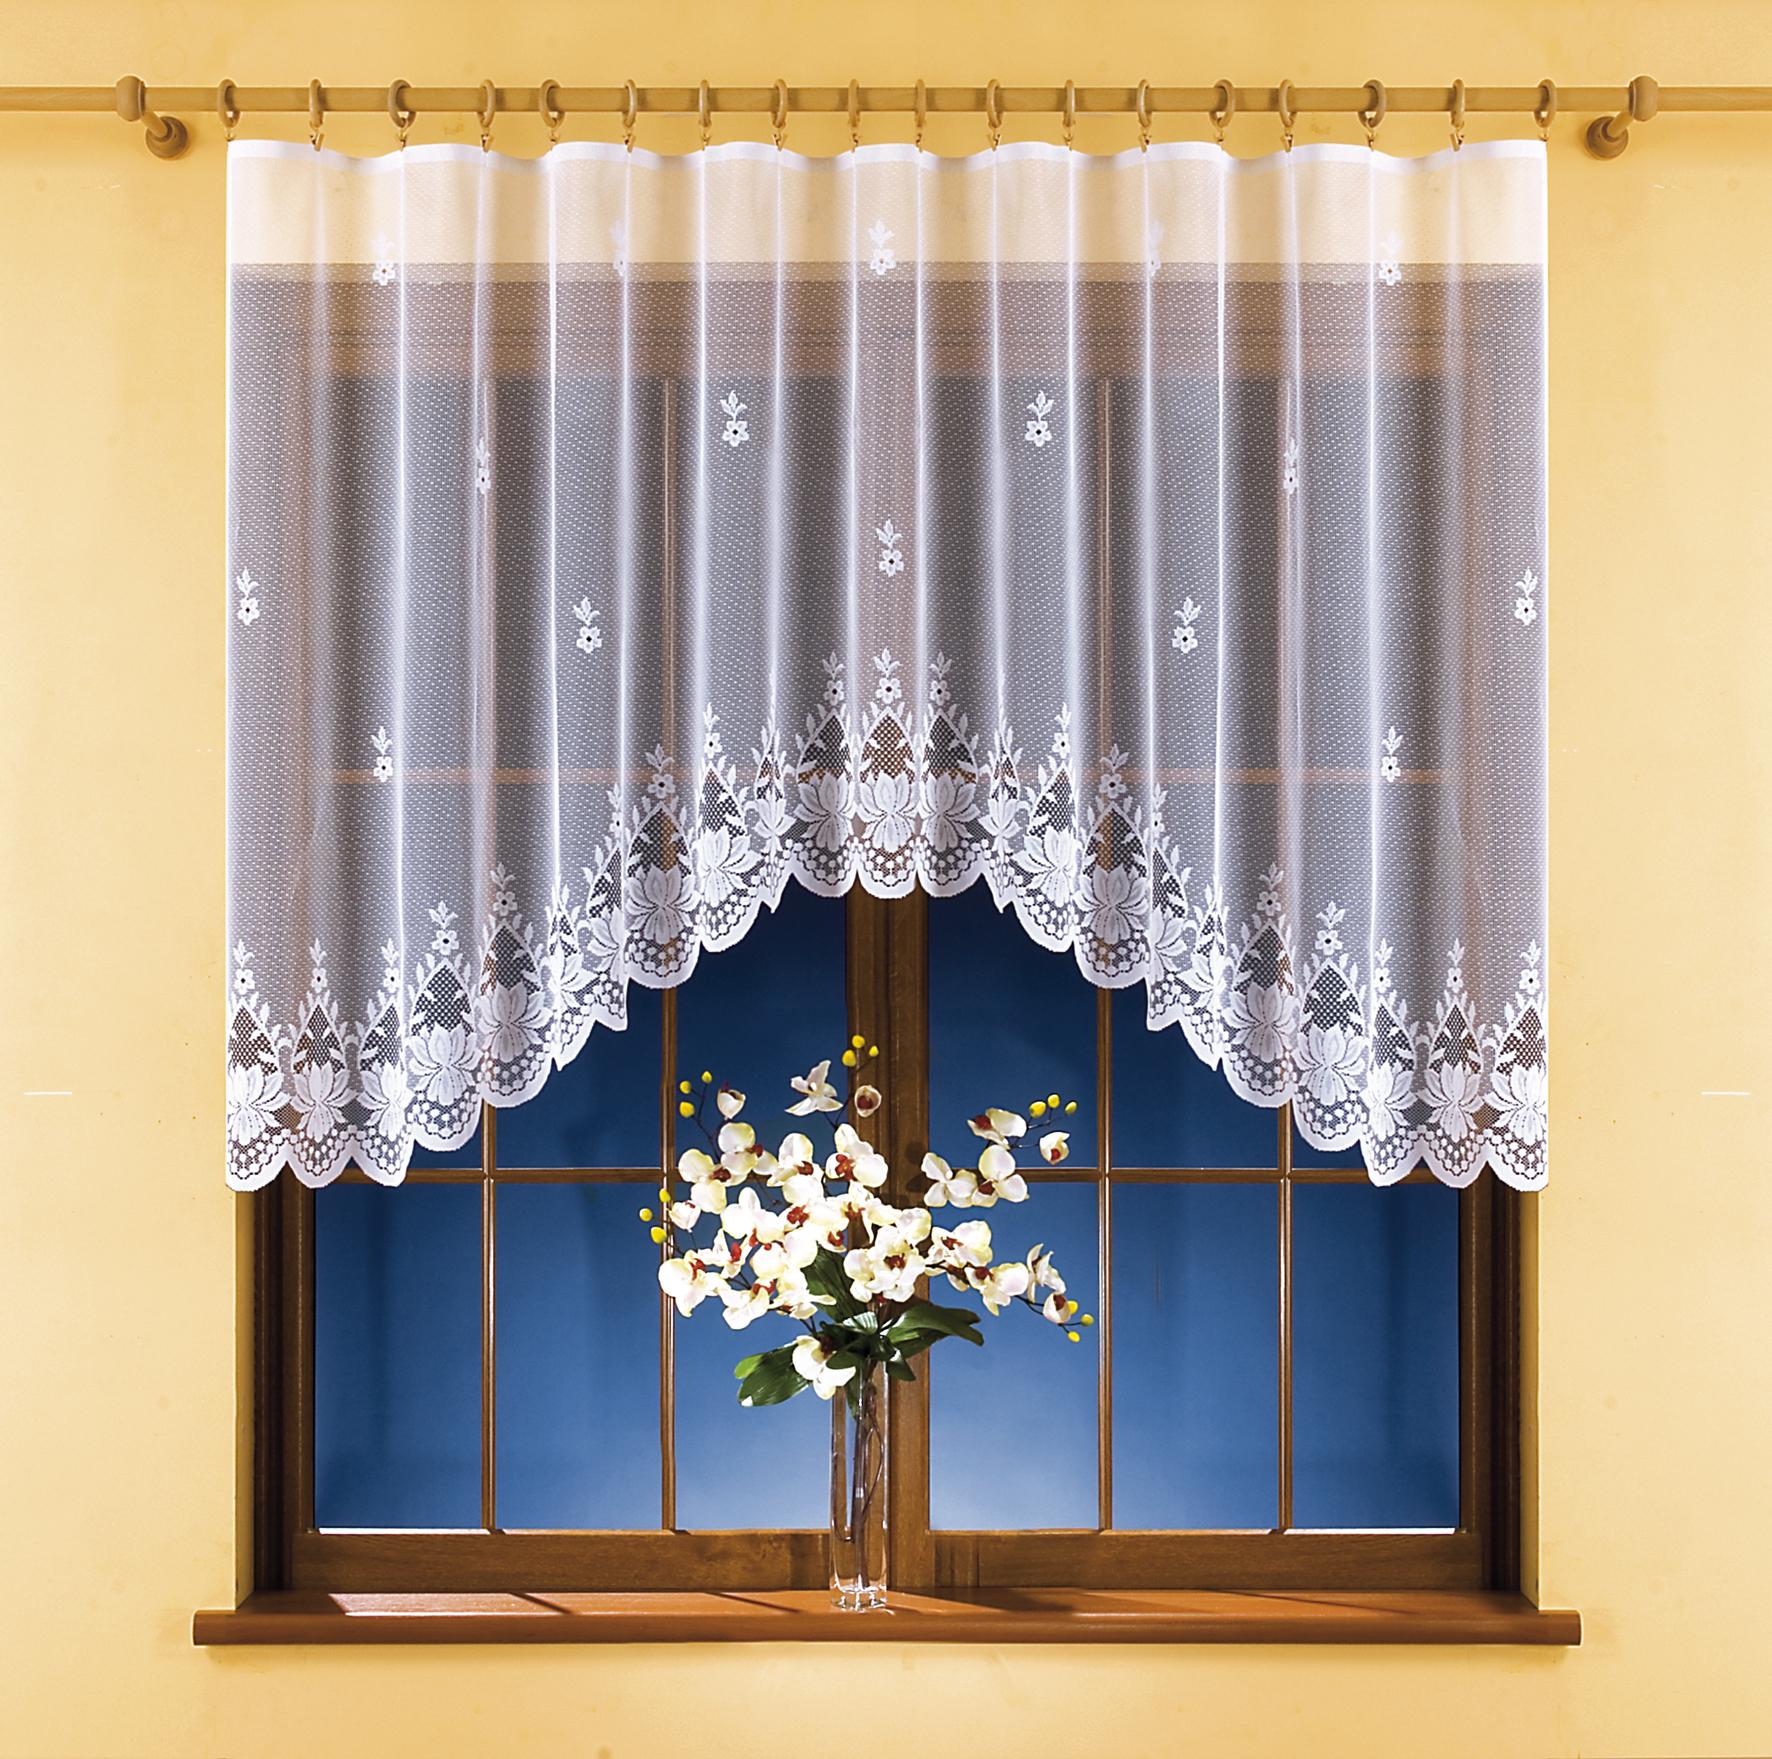 IVETA kusová záclona 380x170cm (POSLEDNÍ 1 KUS !!!)